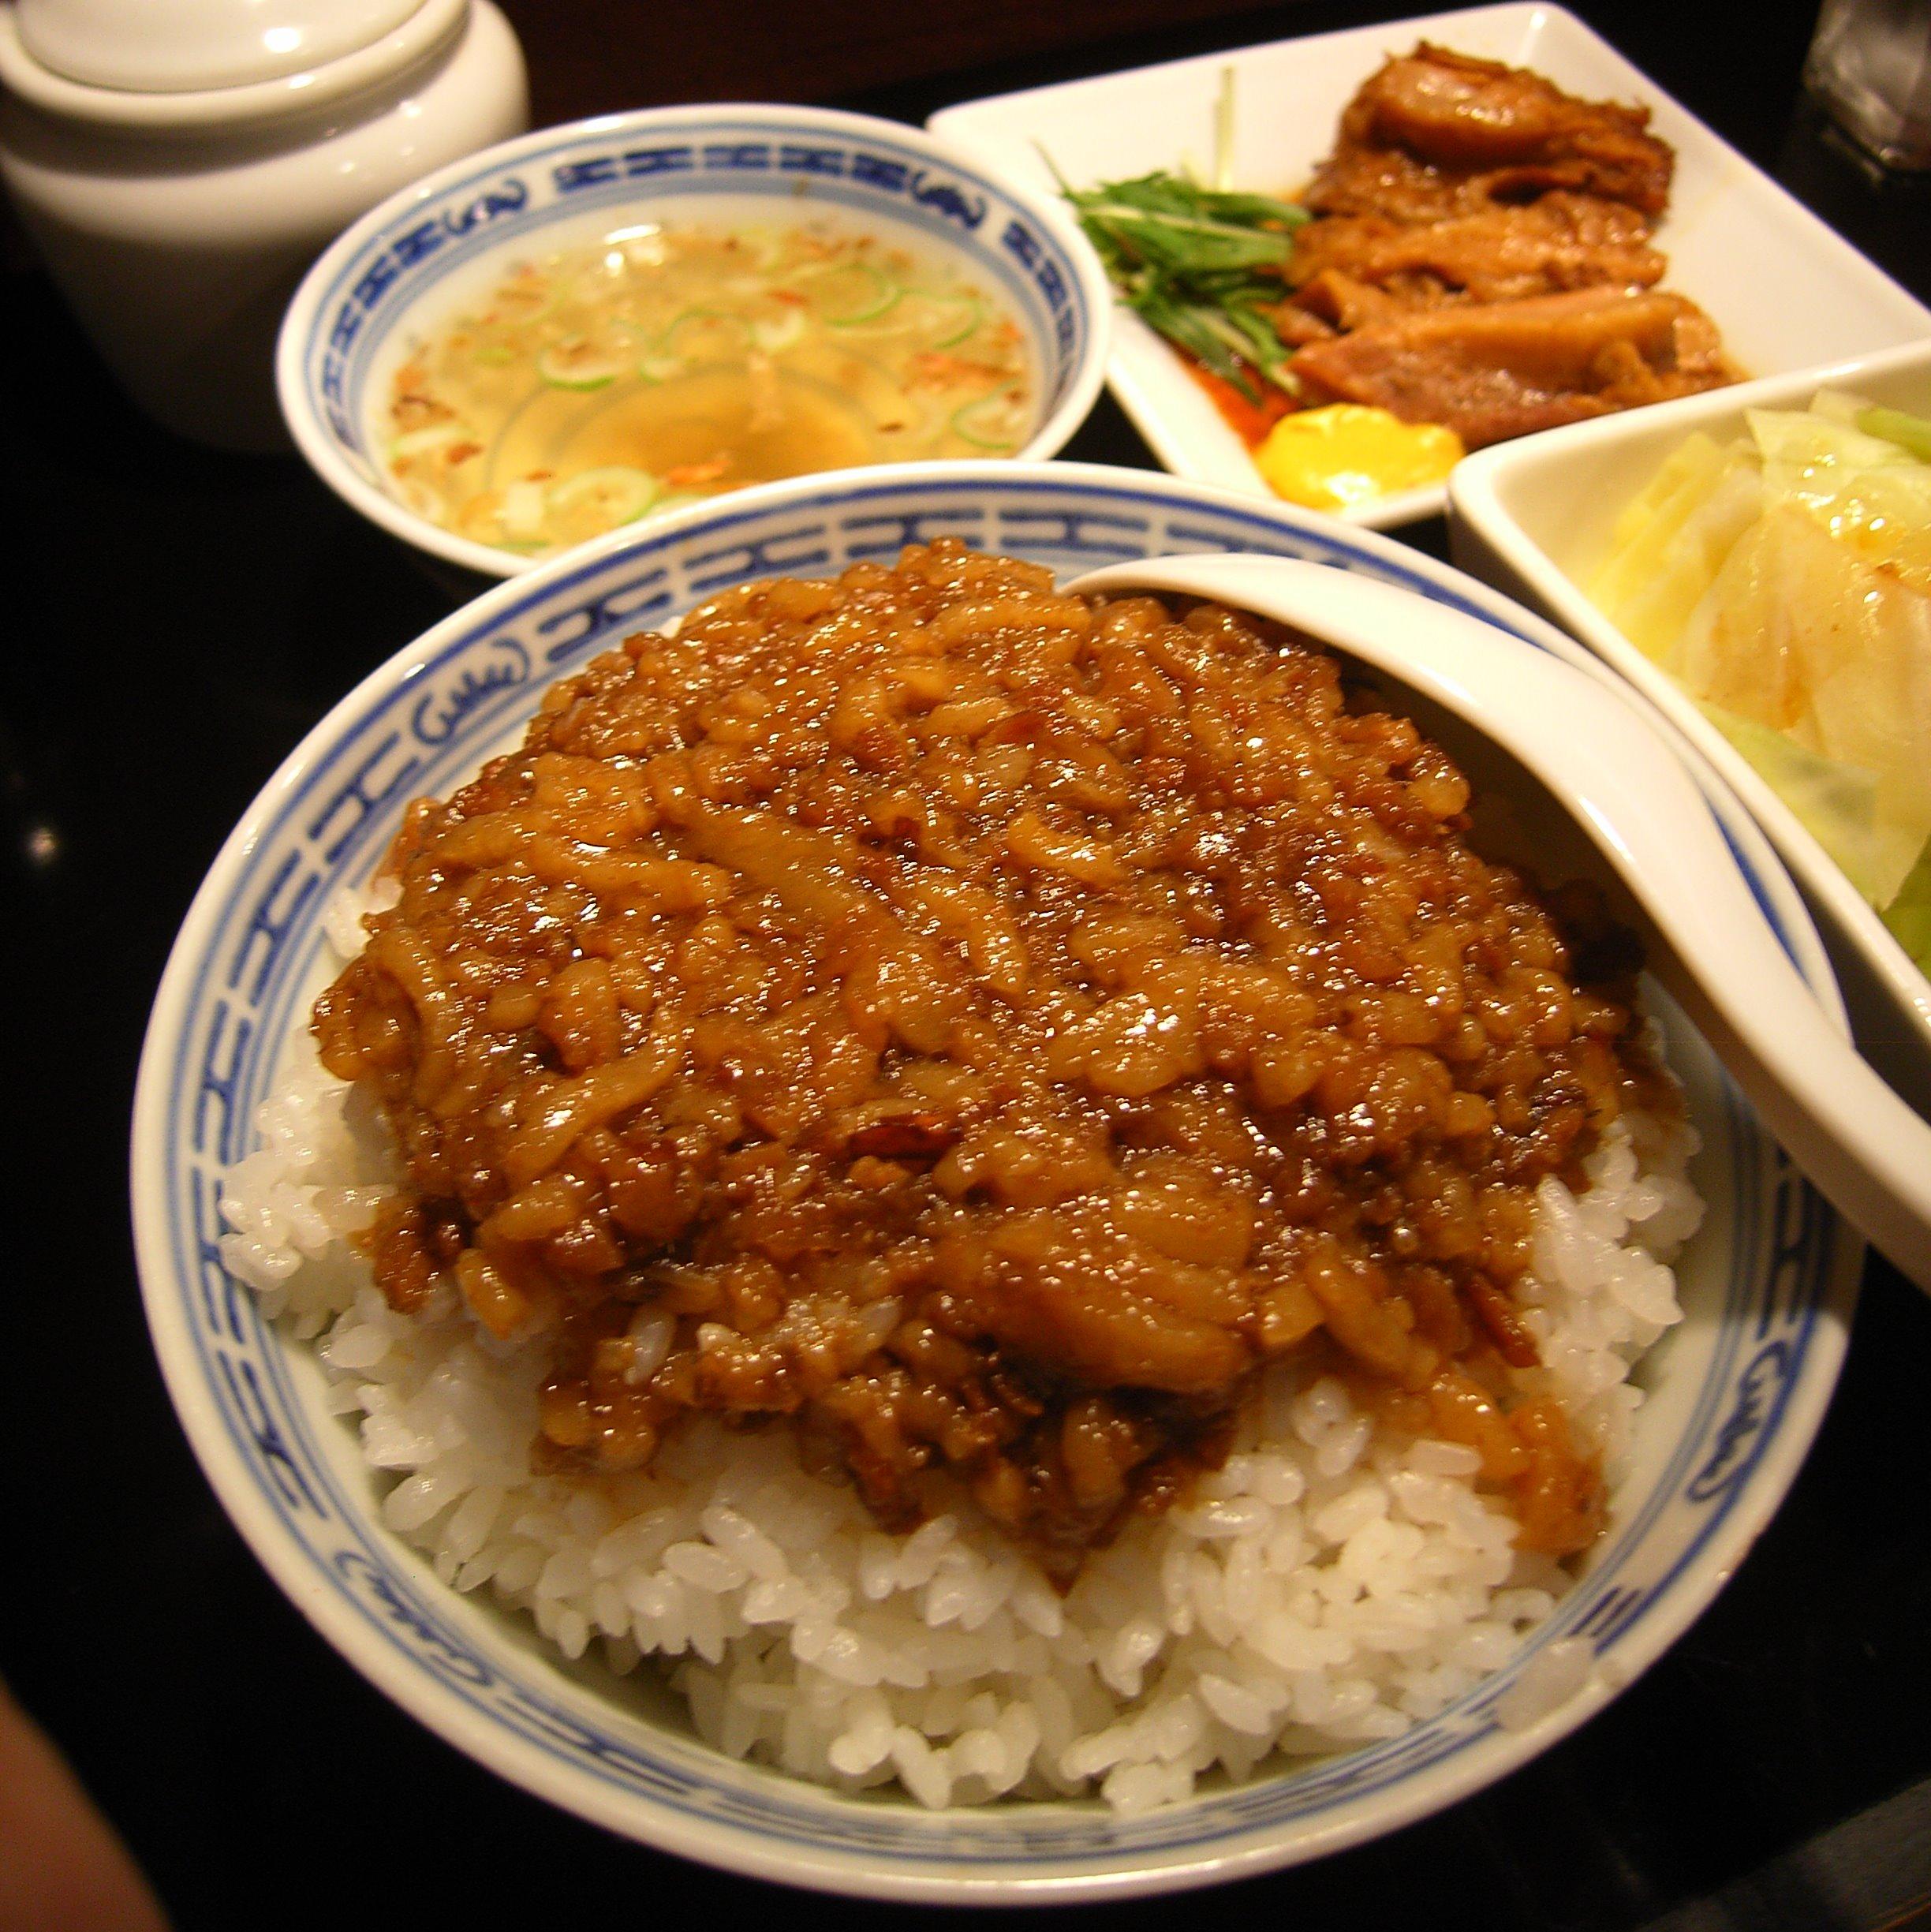 魯肉飯の画像 p1_38